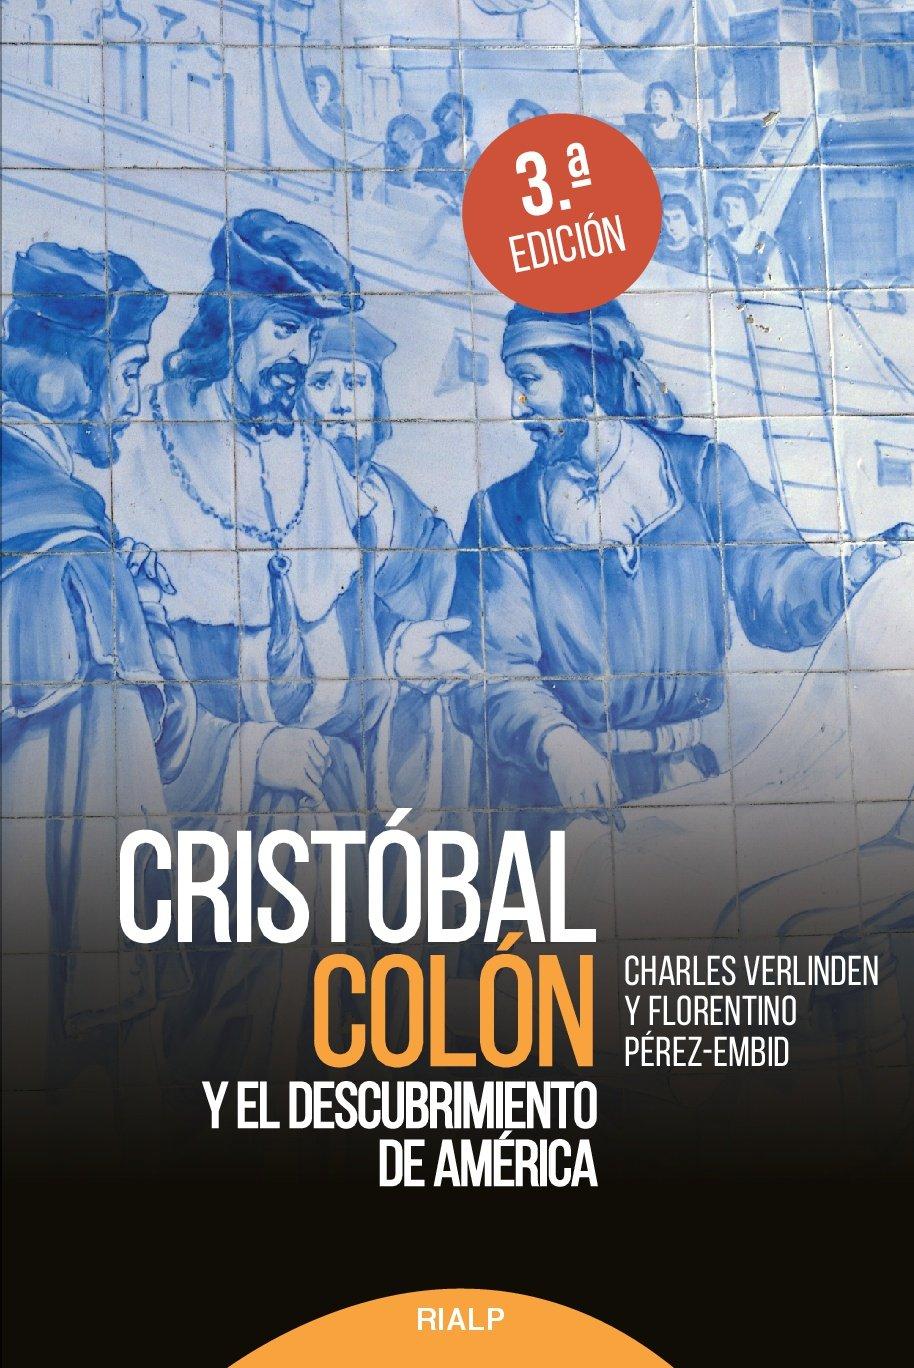 Cristóbal Colón y el descubrimiento de América Historia y Biografías: Amazon.es: Verlinden, Charles, Pérez-Embid, Florentino: Libros